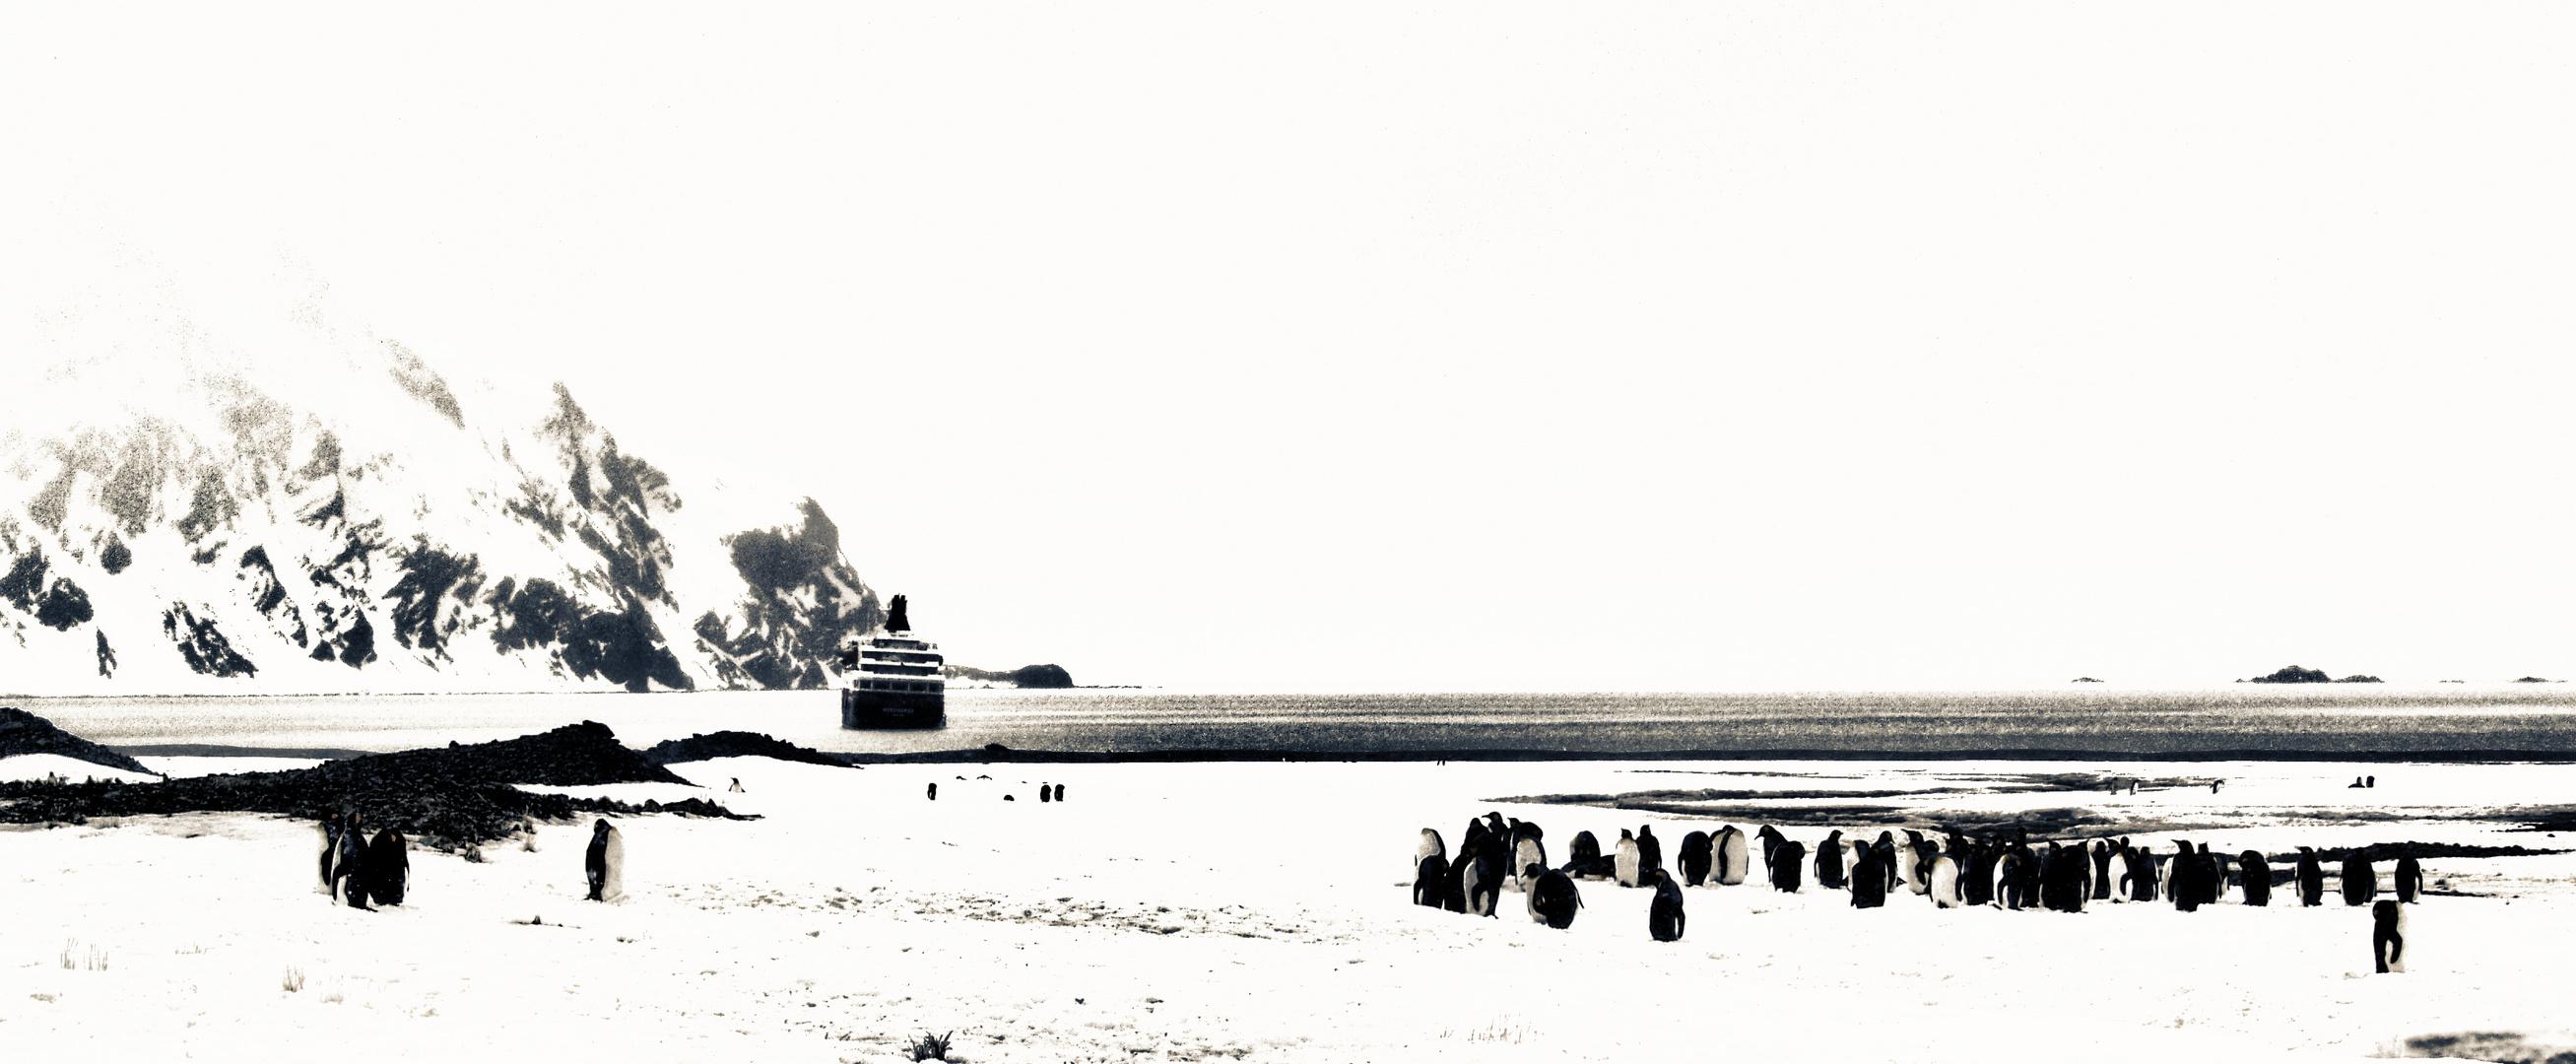 pinguine und ein schiff in der ferne ...